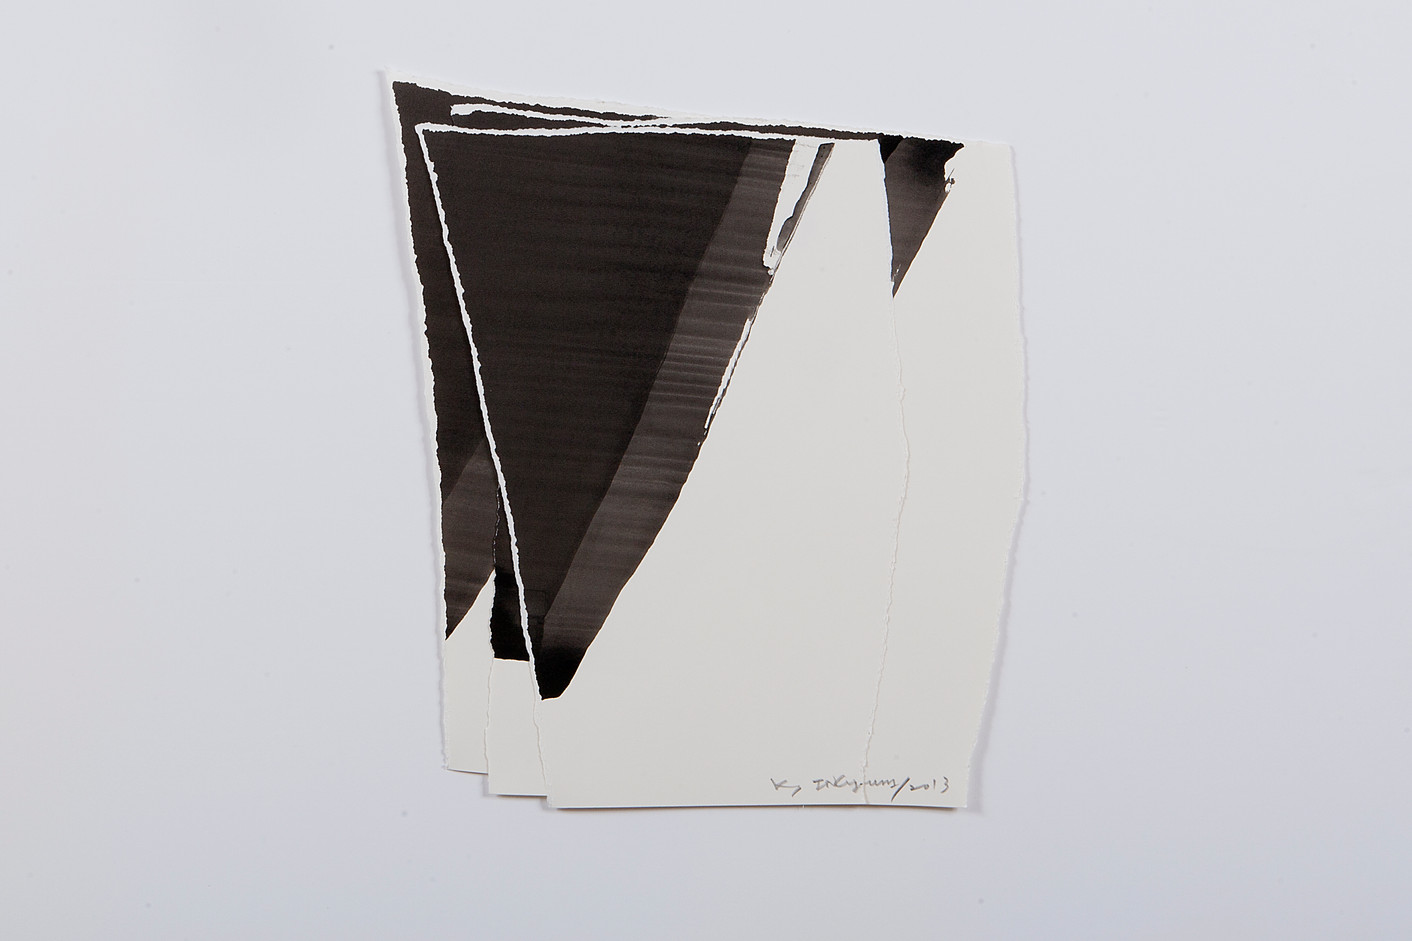 김인겸, Dessin de Sculpture(Collage), Drawn Paper with india ink, 2013